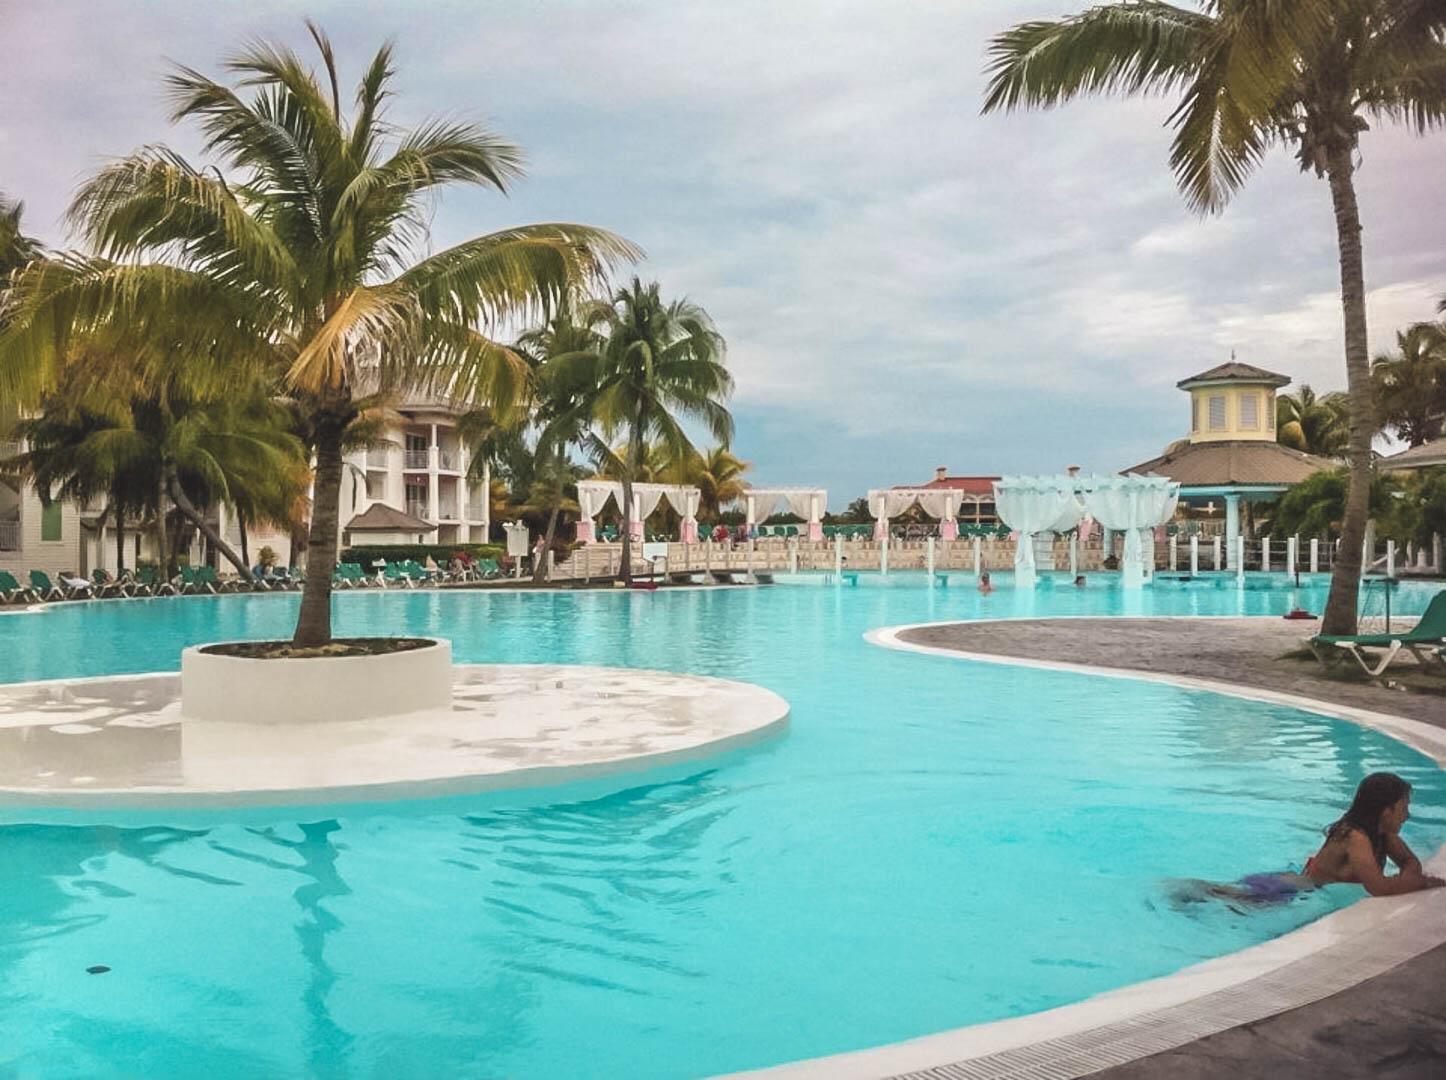 Tryp Peninsula Hotel, Cuba